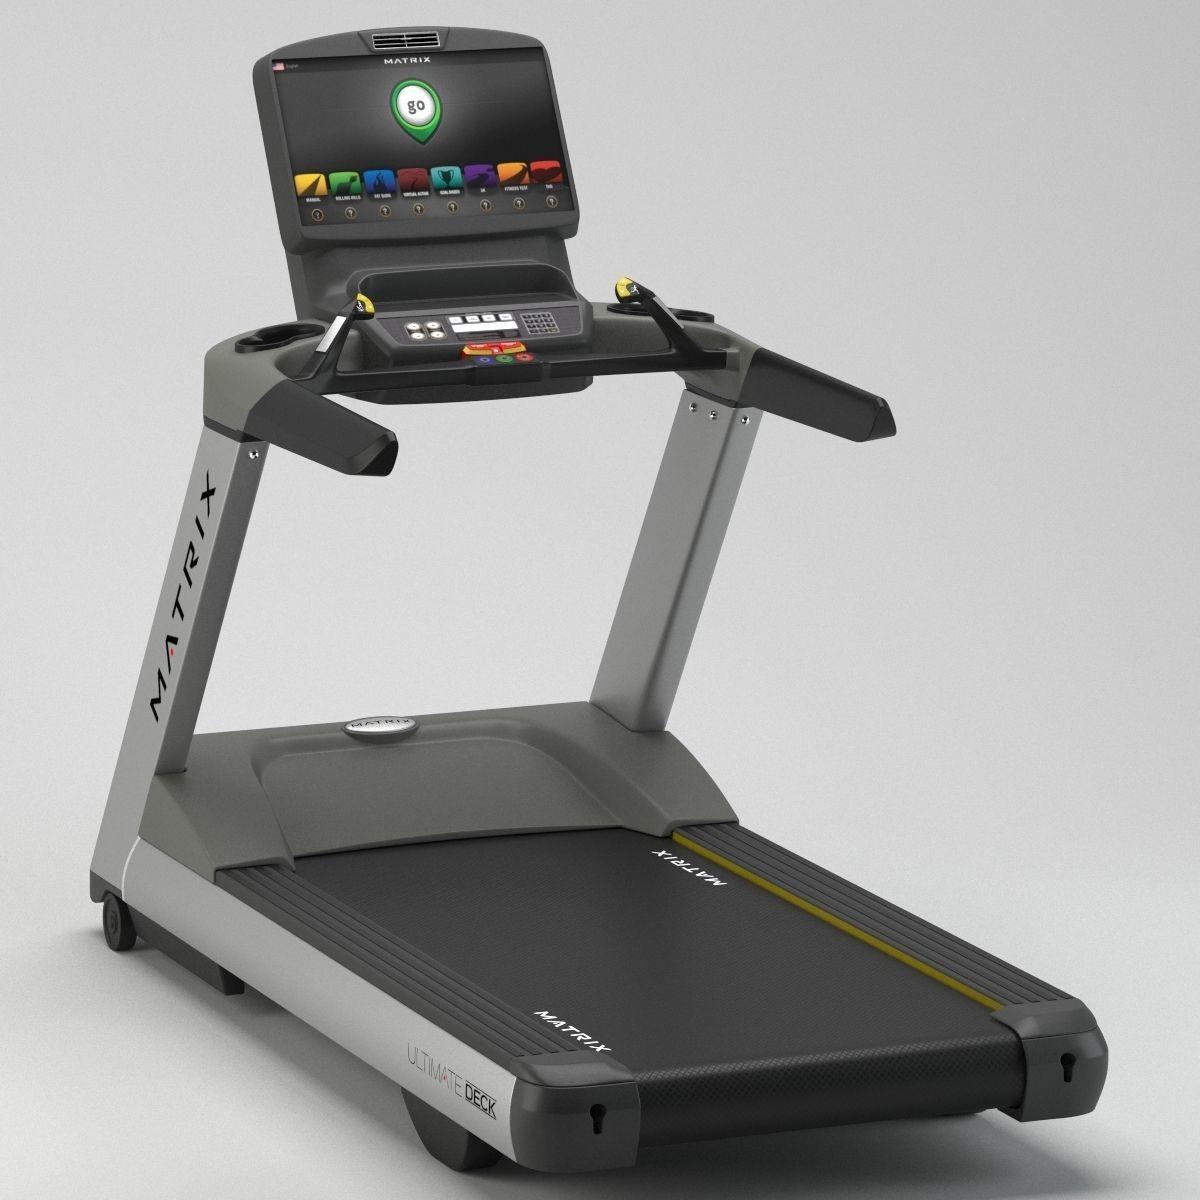 Gym Matrix T7xi Treadmill